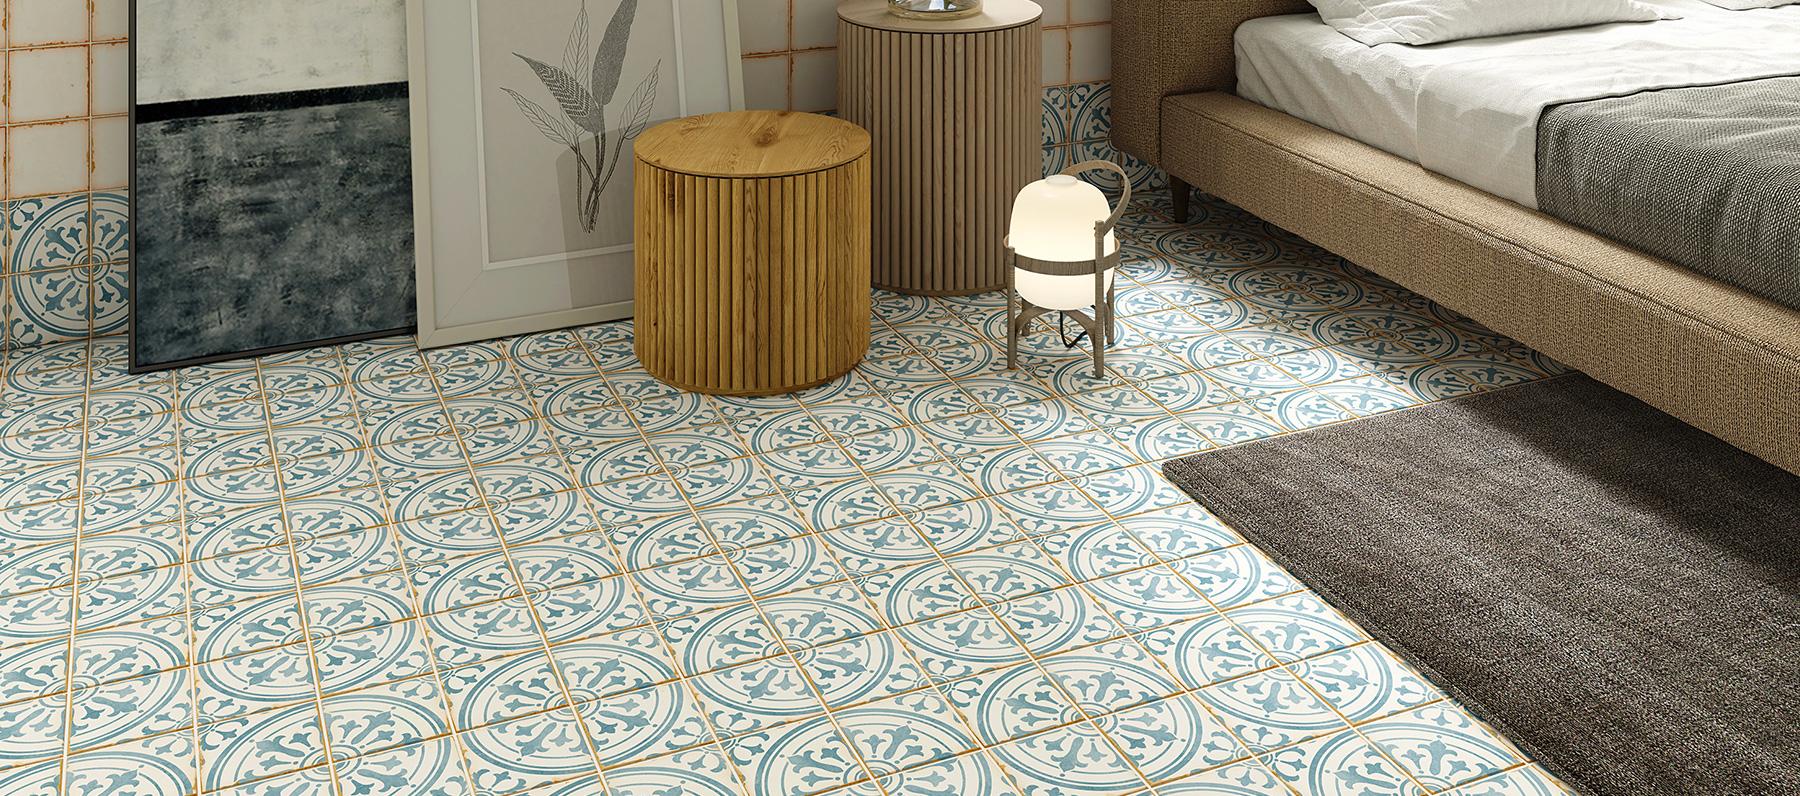 Stile e Design con le piastrelle in ceramica e gres nel piccolo formato di Maltha Design